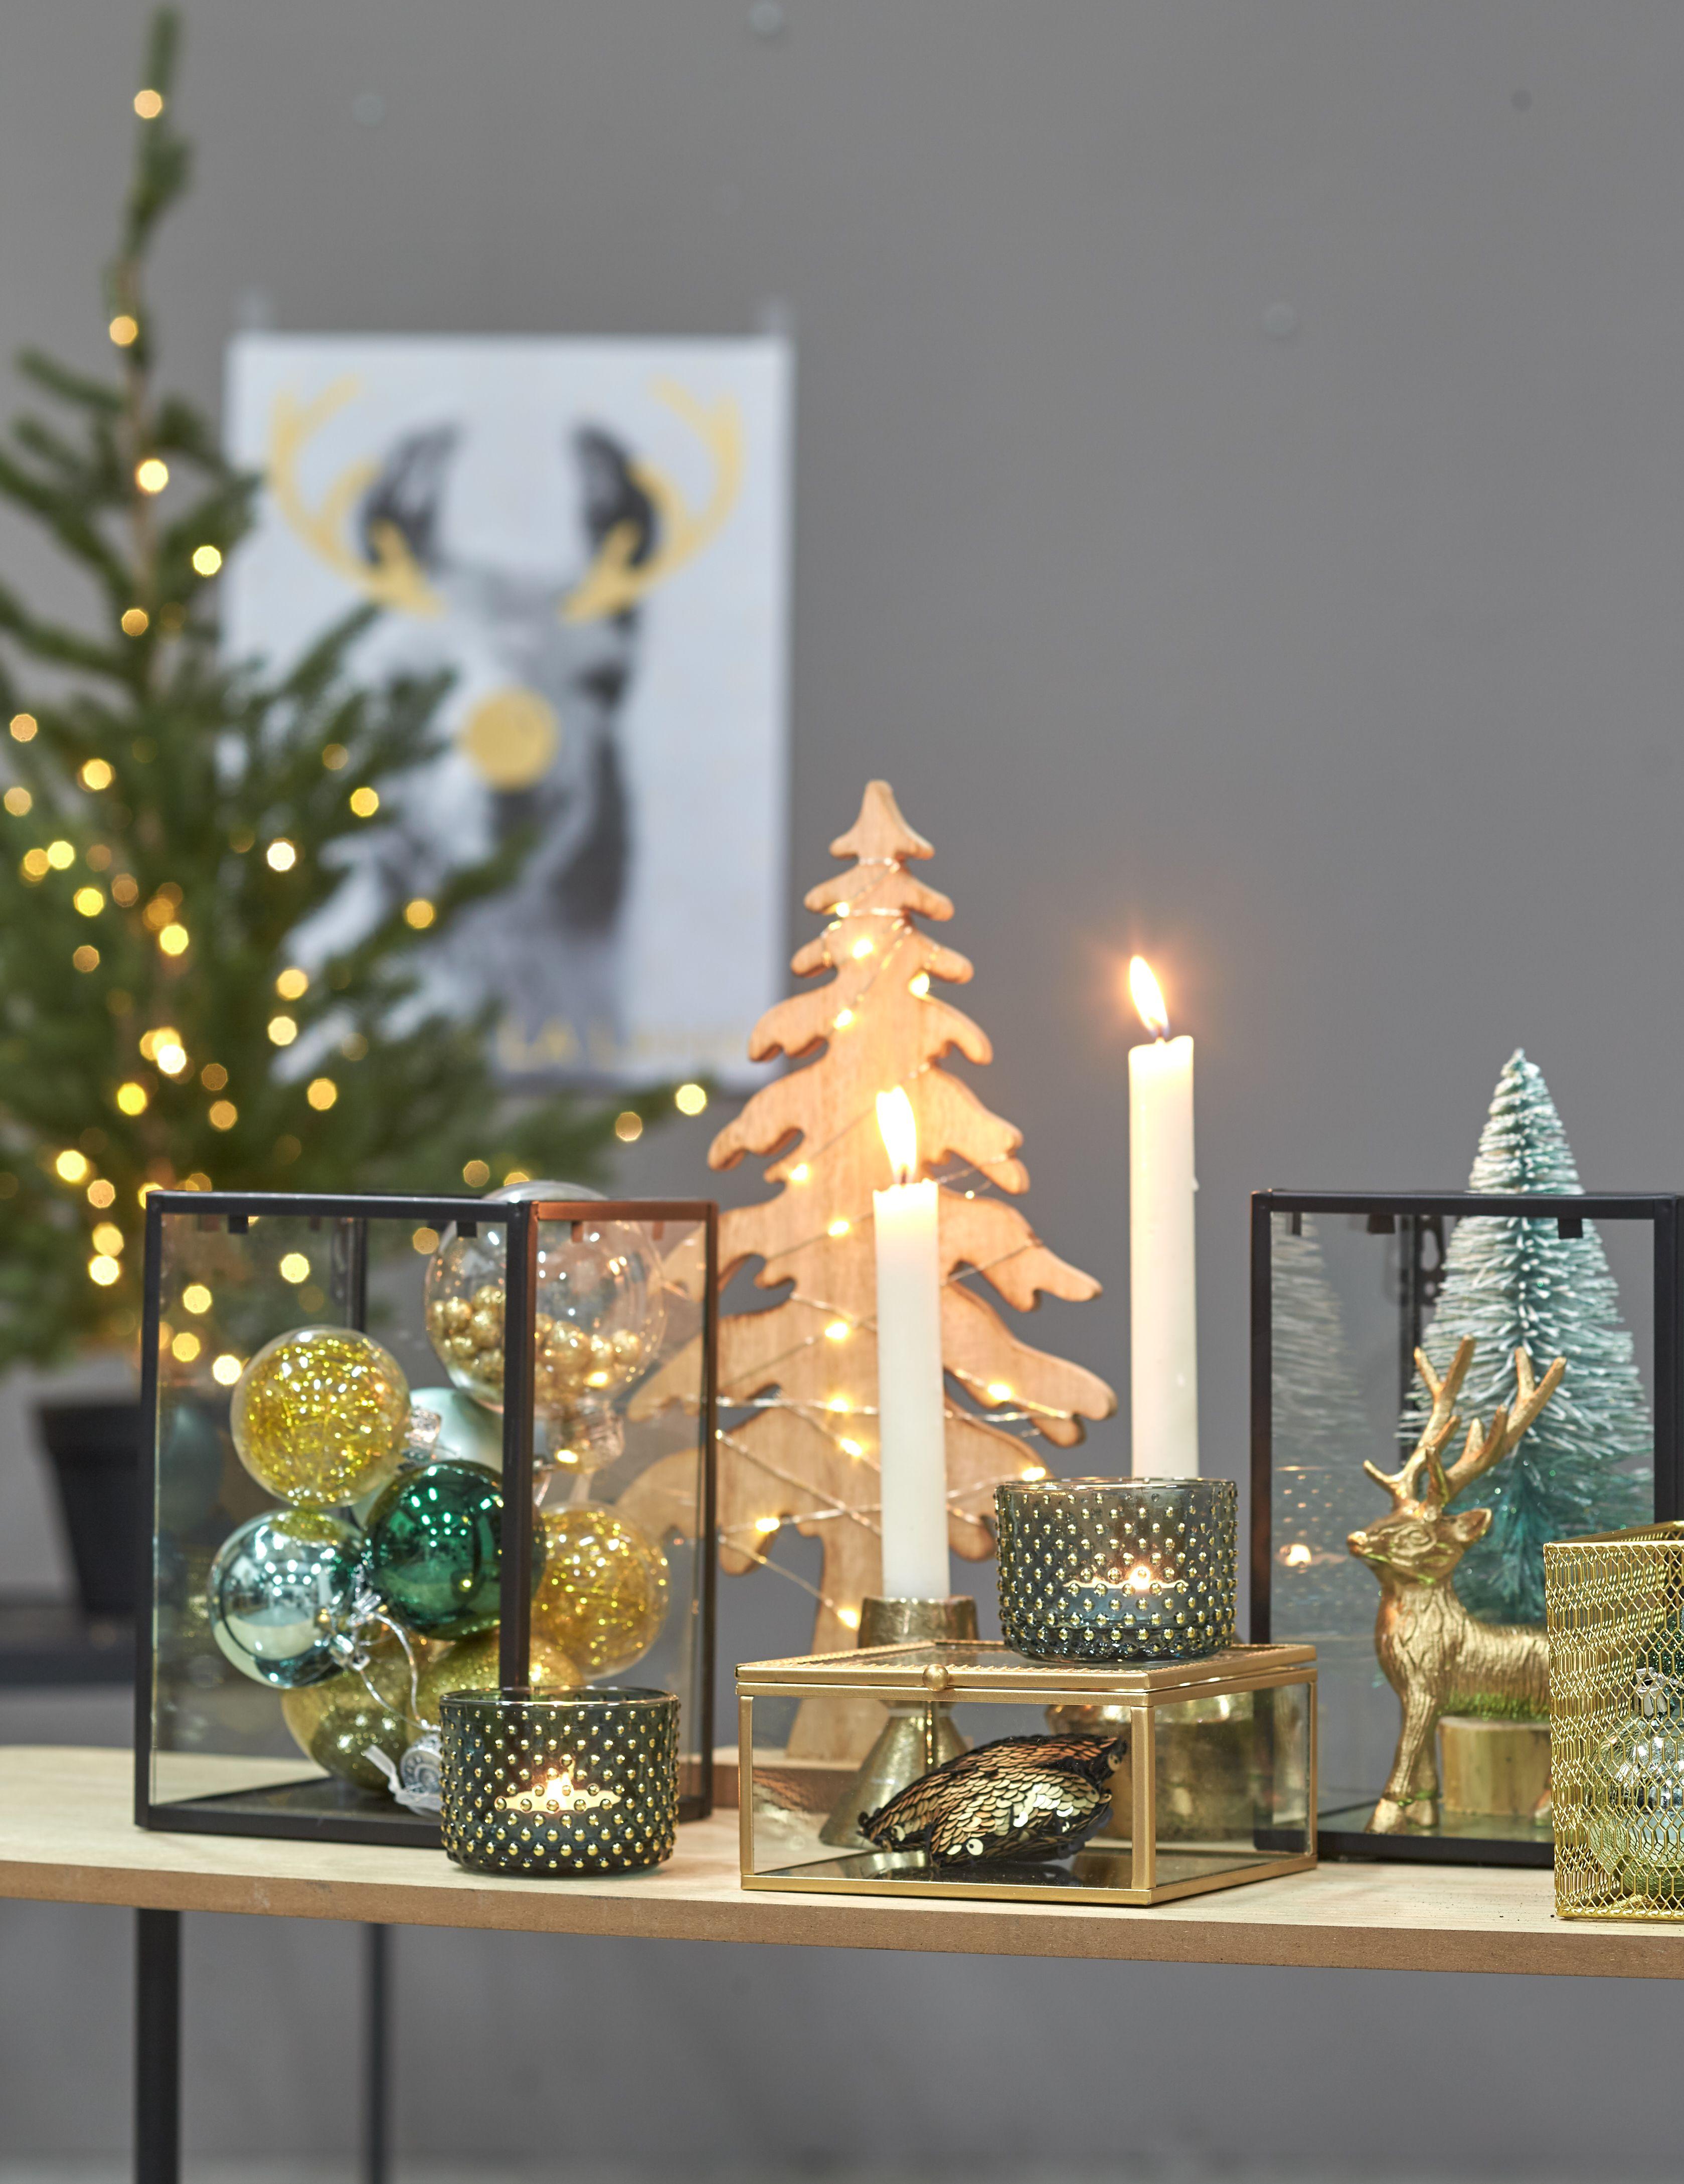 Kerst Decoraties Van Jute Christmas Burlap Kerst Jute Kerst Decoraties